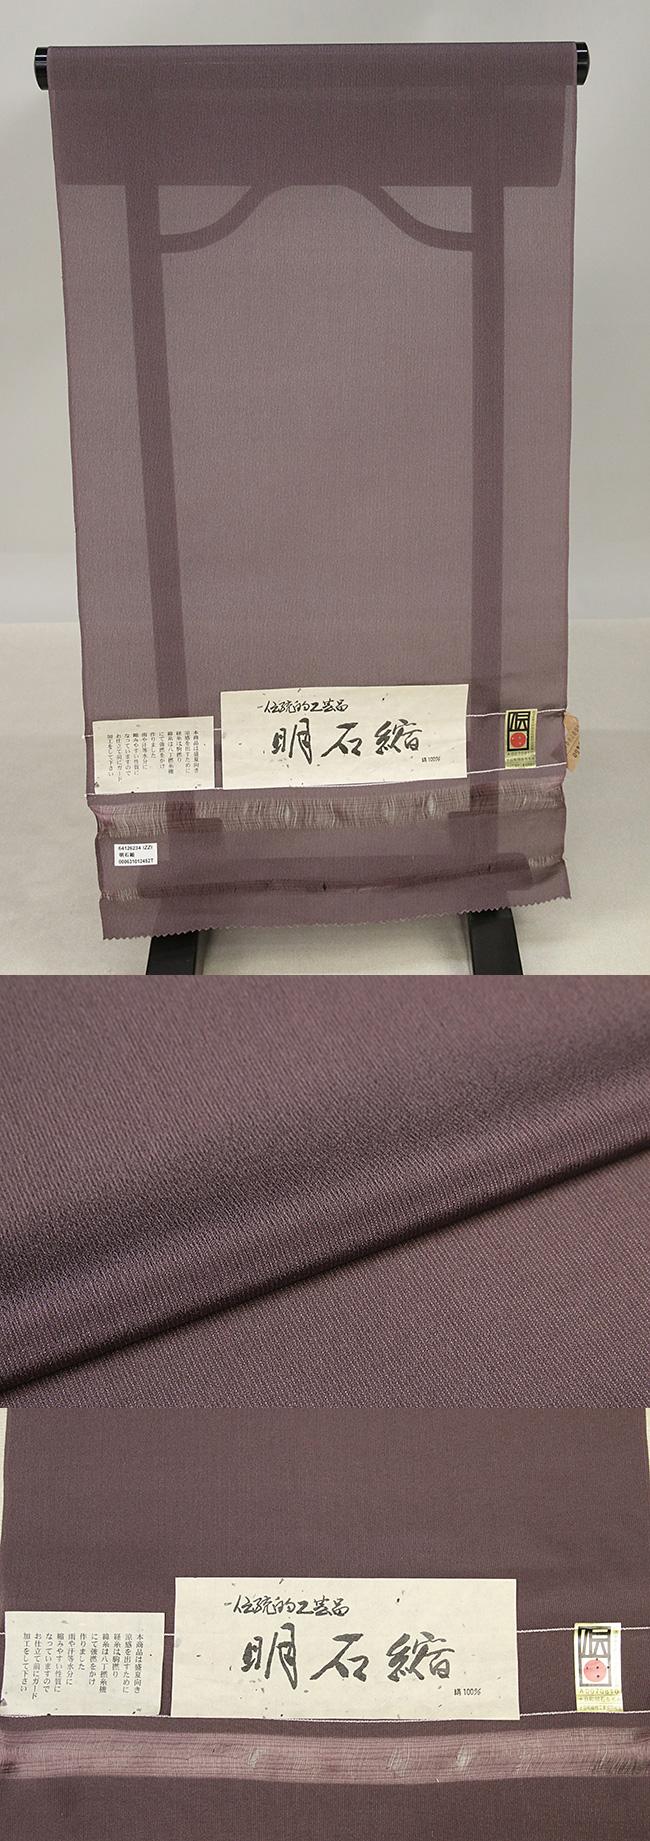 96akasi0102